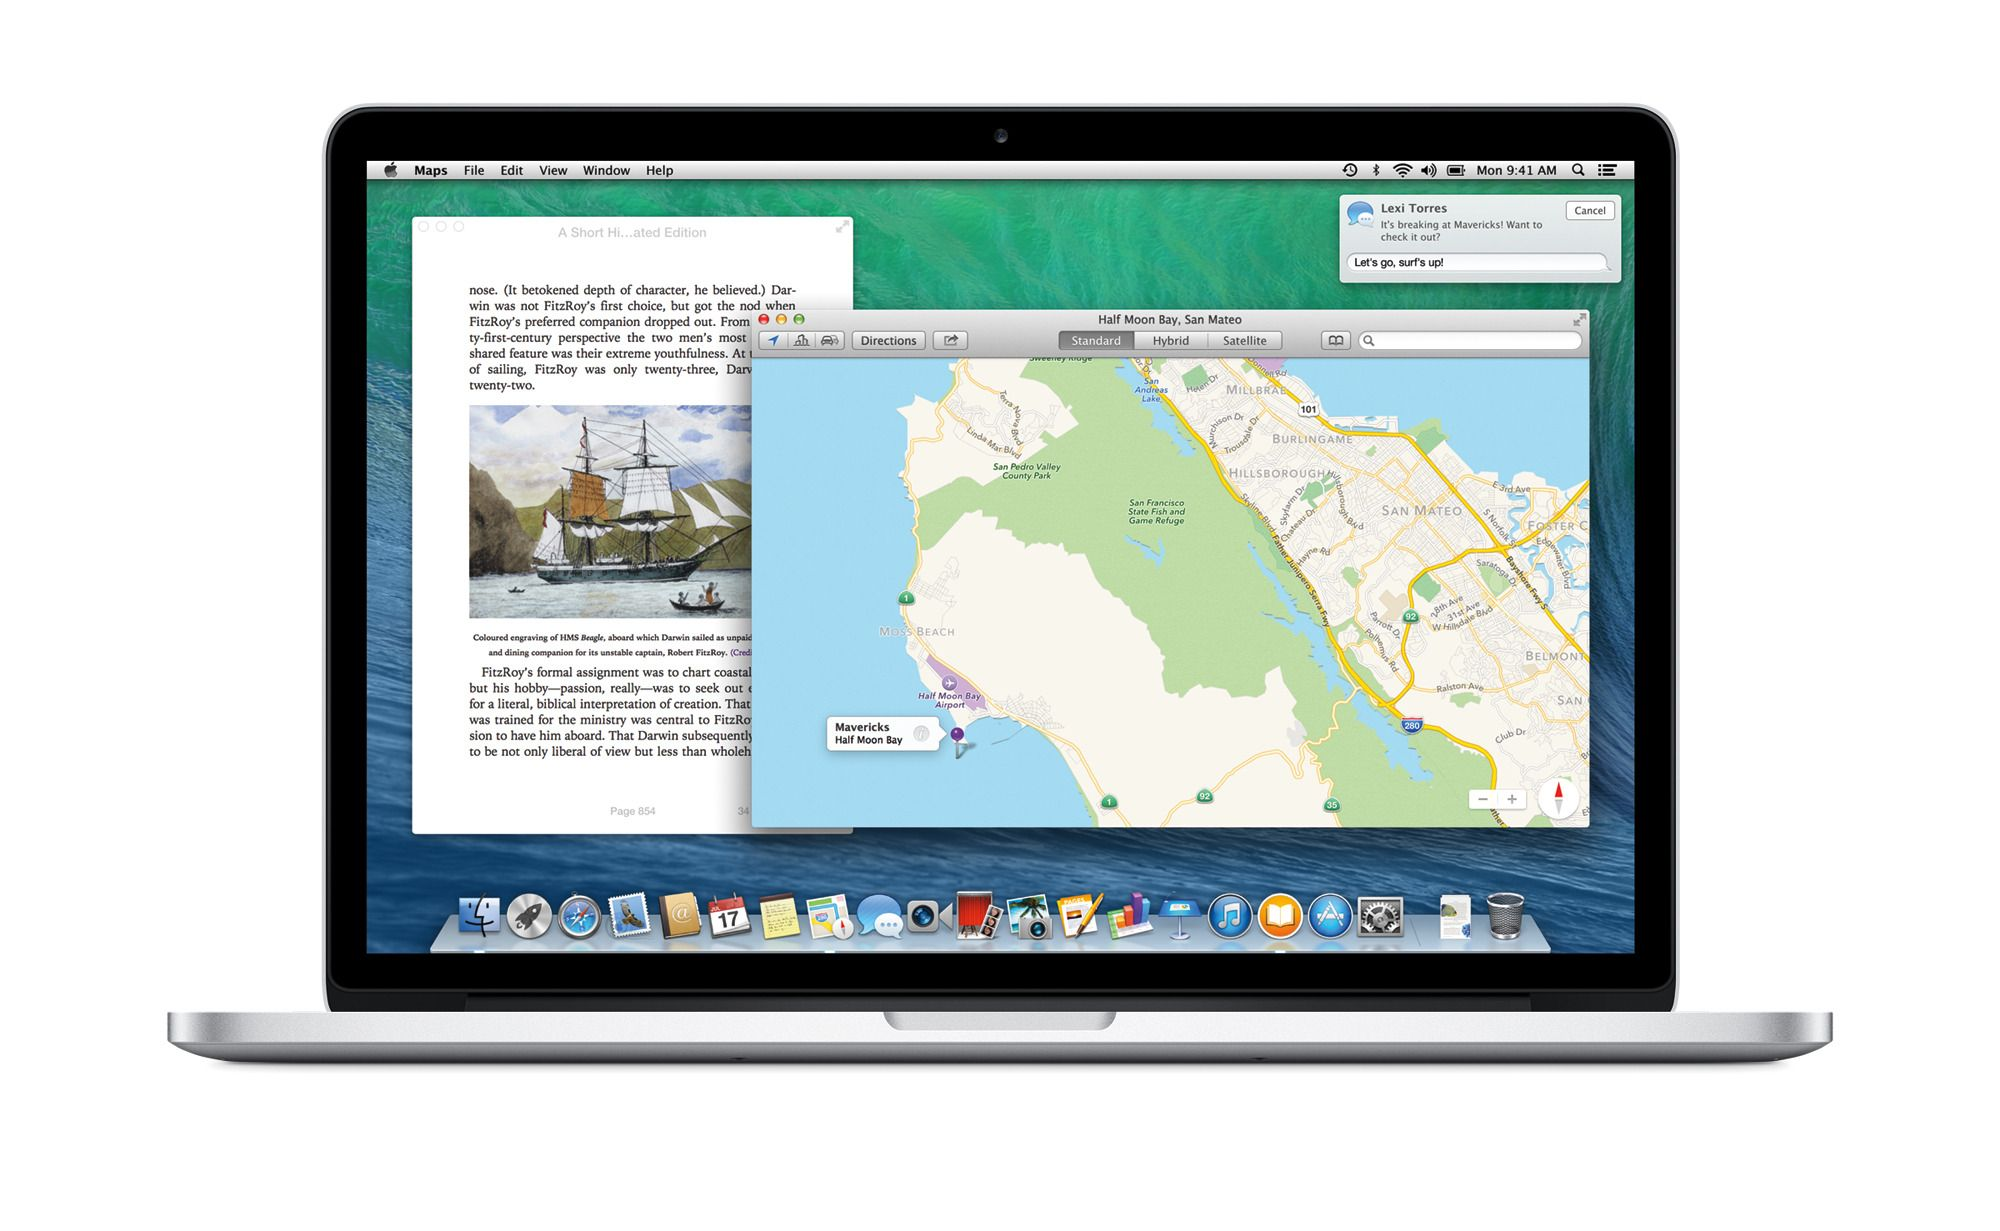 OS X kommer mest trolig i oppdatert utgave.Foto: Apple